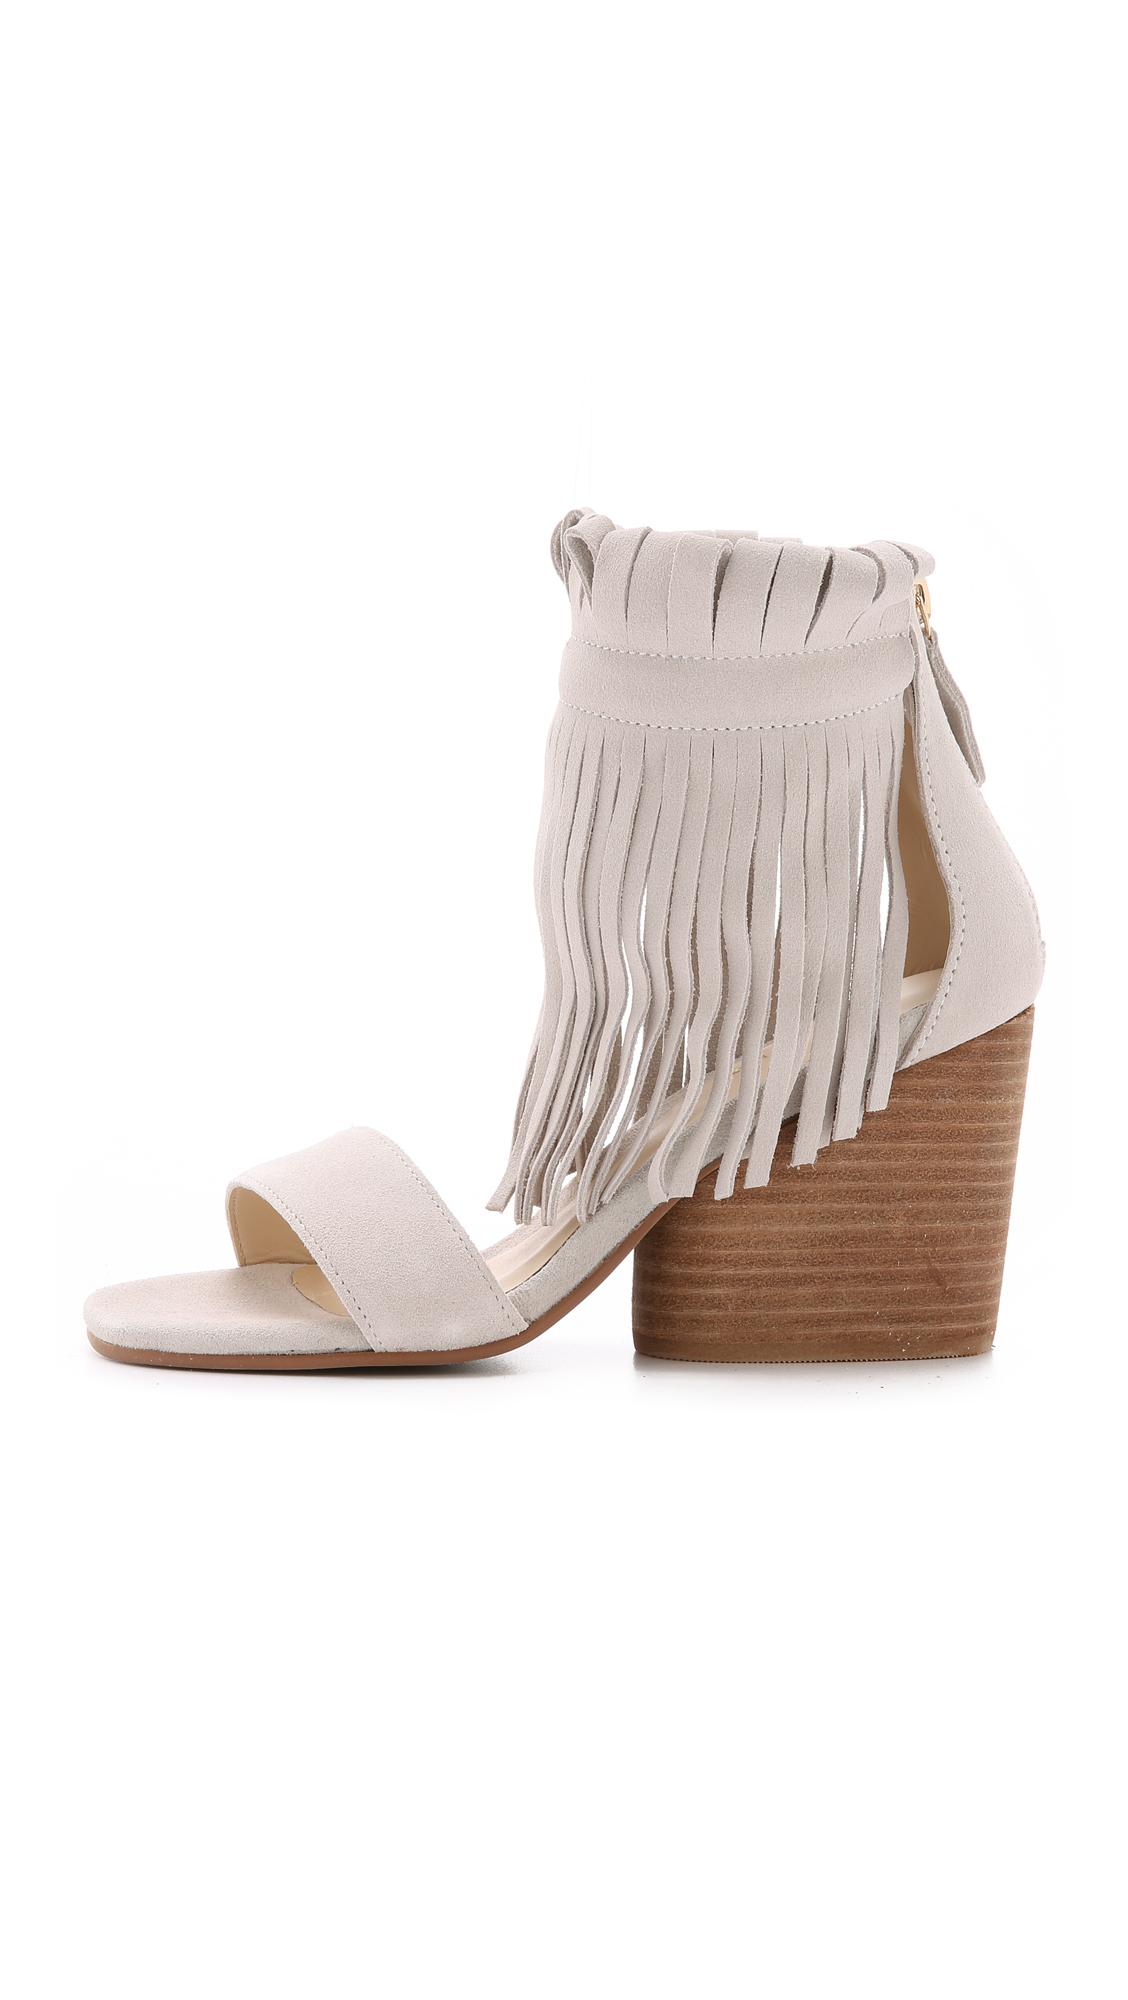 17959bda66c5 Lyst - Matiko Morgan Fringe Suede Sandals - Taupe in White